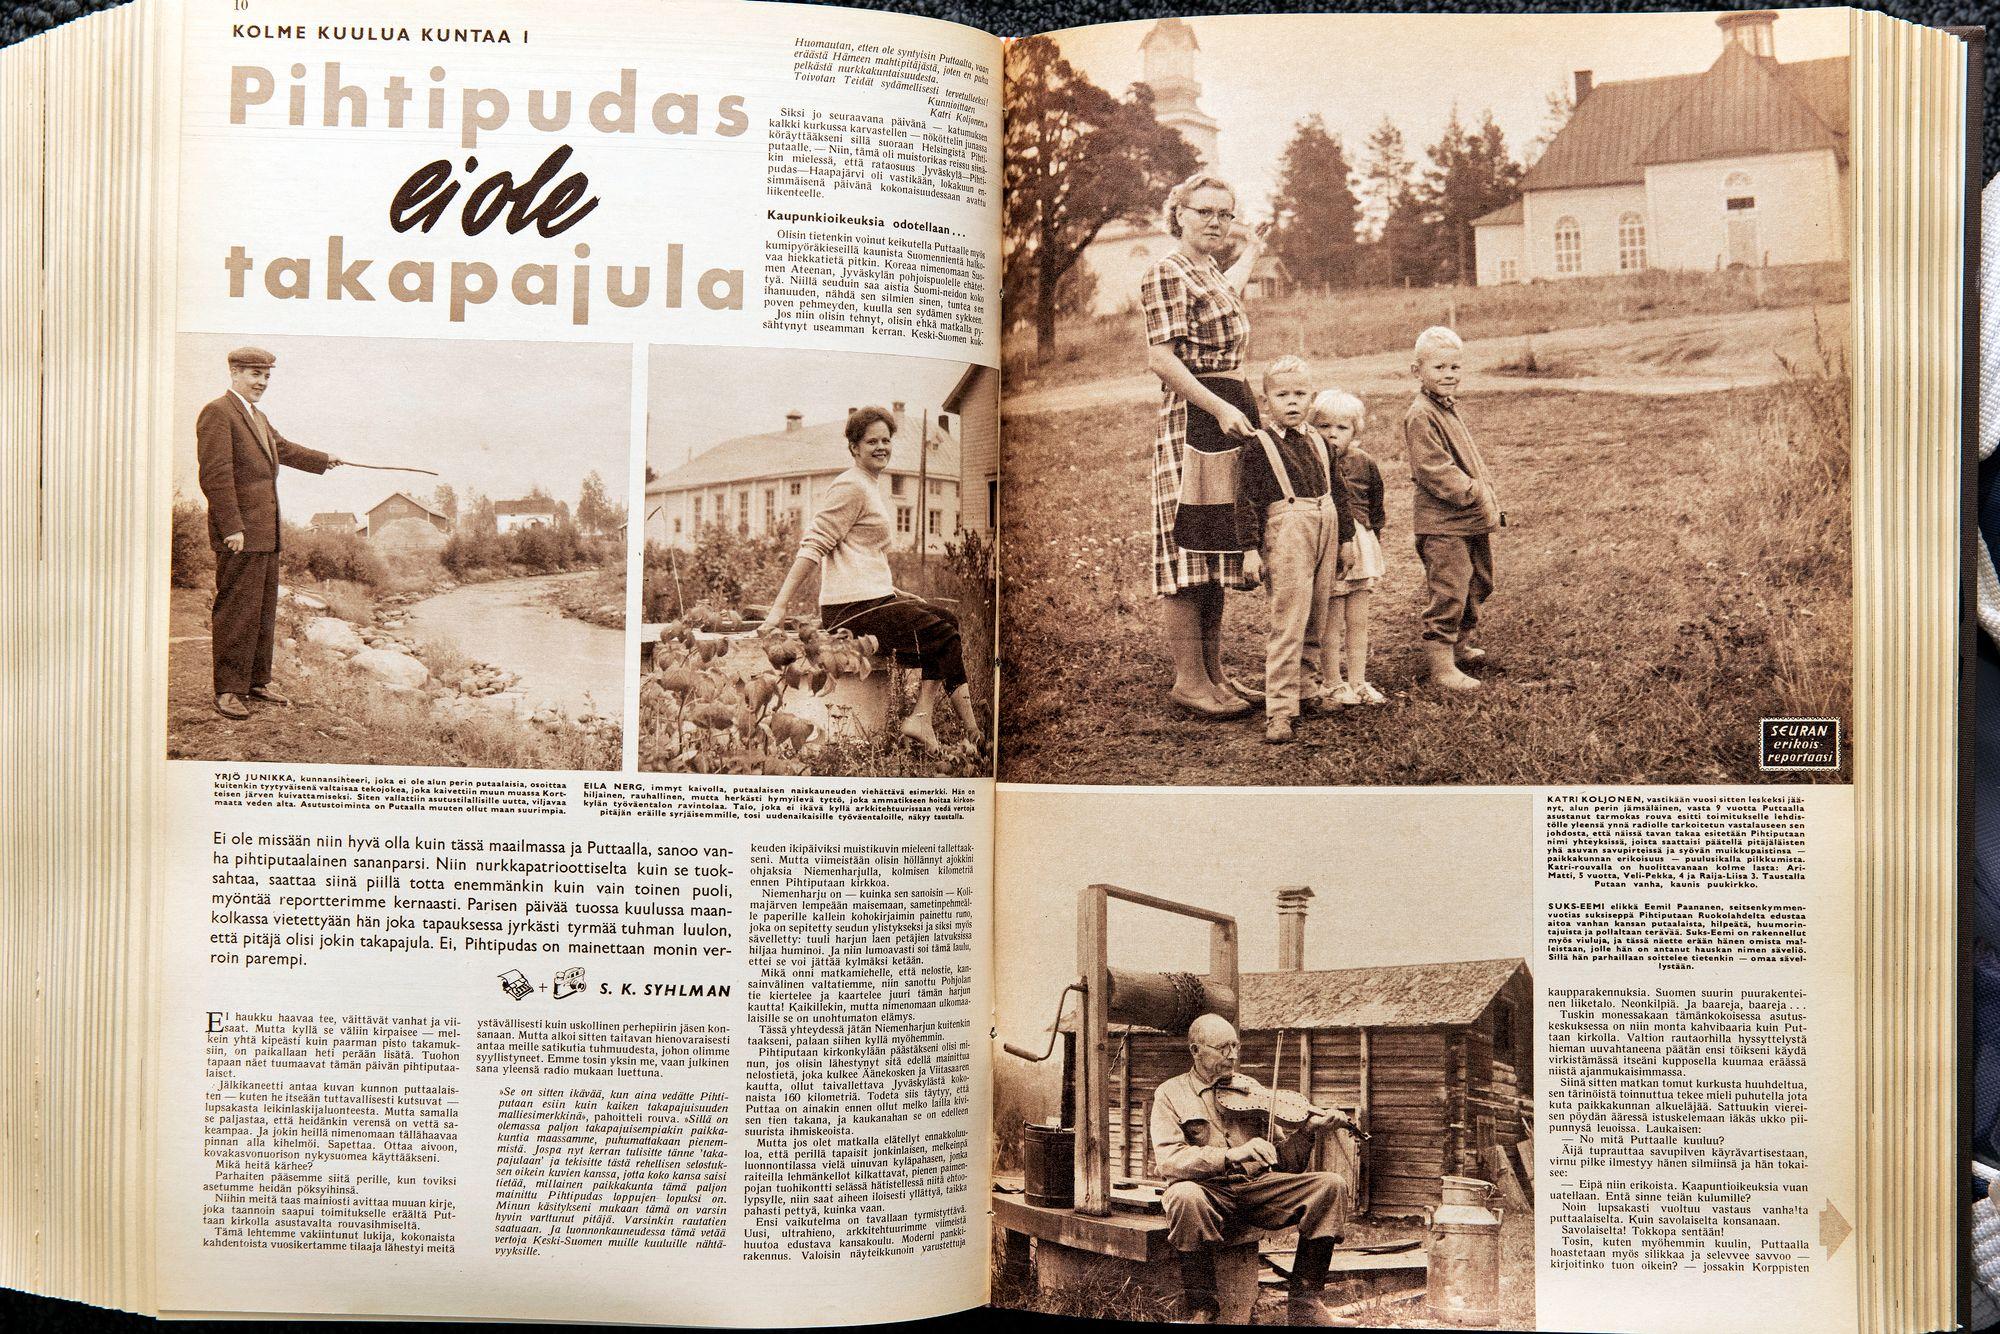 Pihtipudas Seurassa 1960 © Otavamedia / arkisto